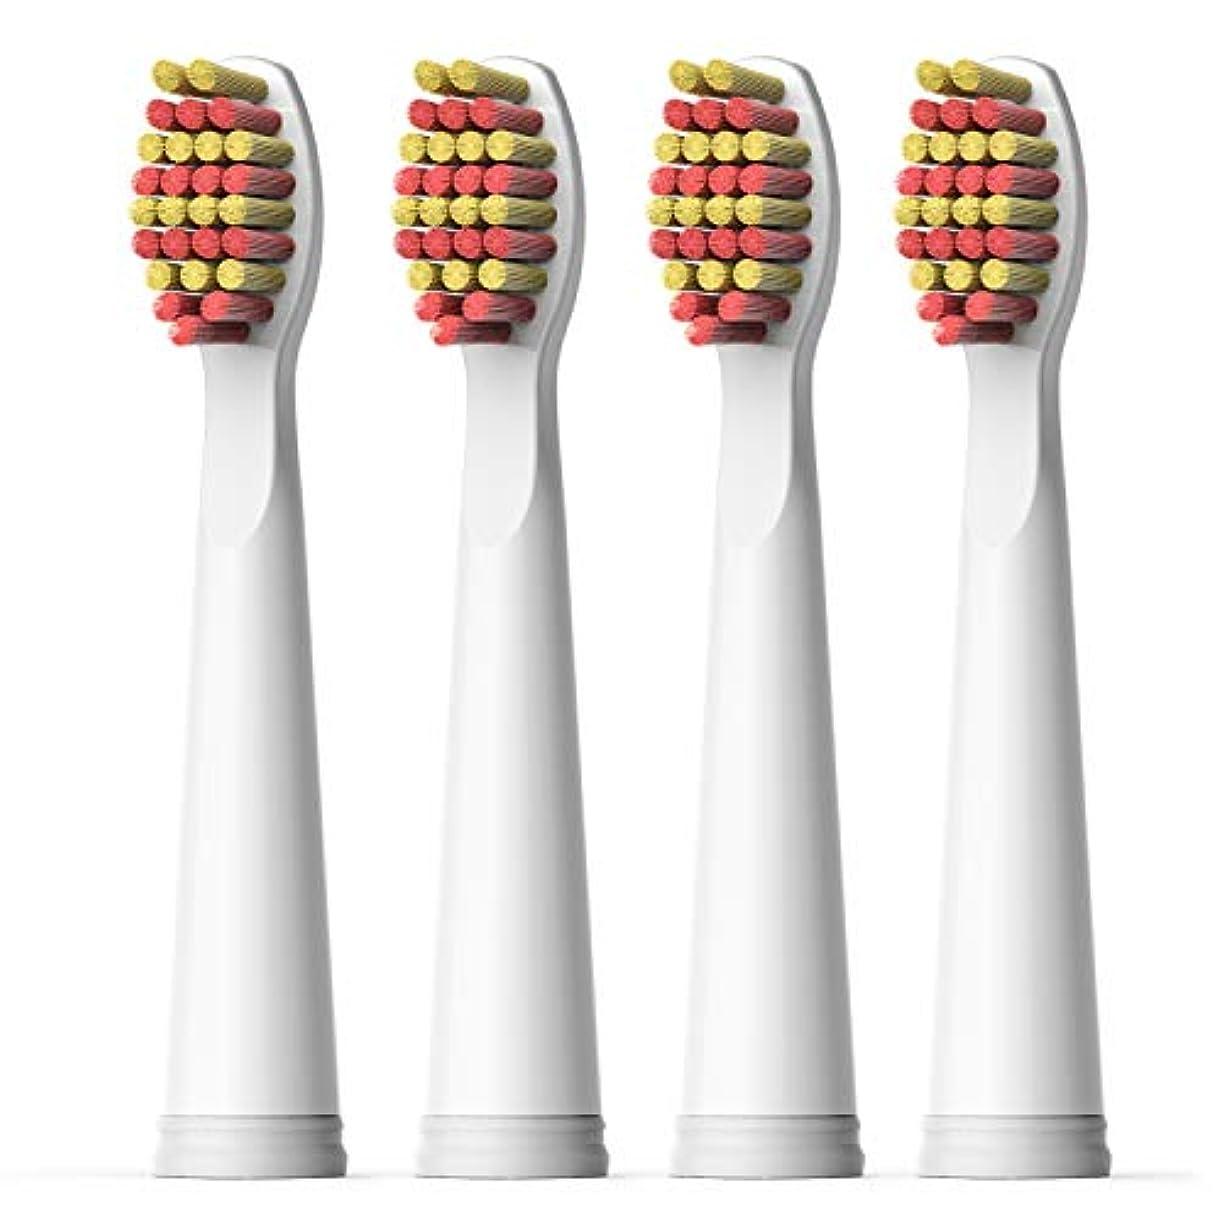 ハウスマイクレイアウトFairywill 電動歯ブラシ用 替ブラシ 4本入 互換ブラシ ブラシヘッド やわらかい BH04